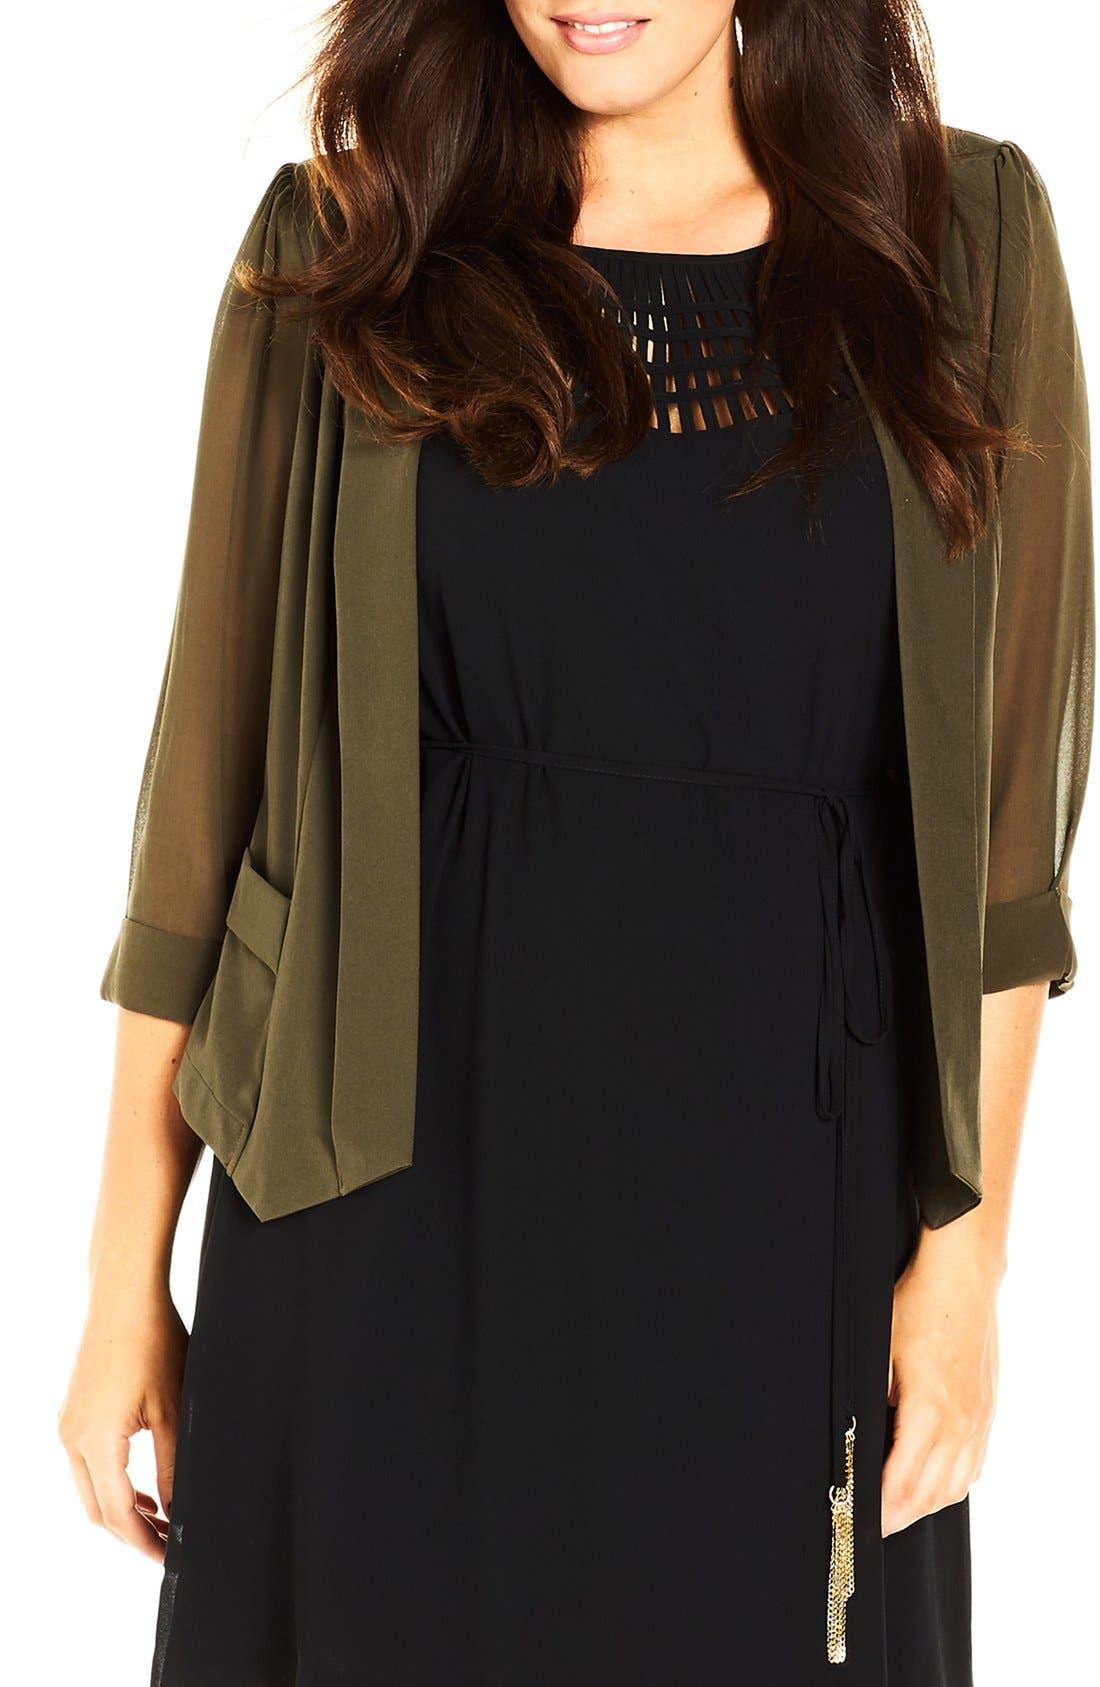 City Chic DrapeyMixed Media Blazer (Plus Size)